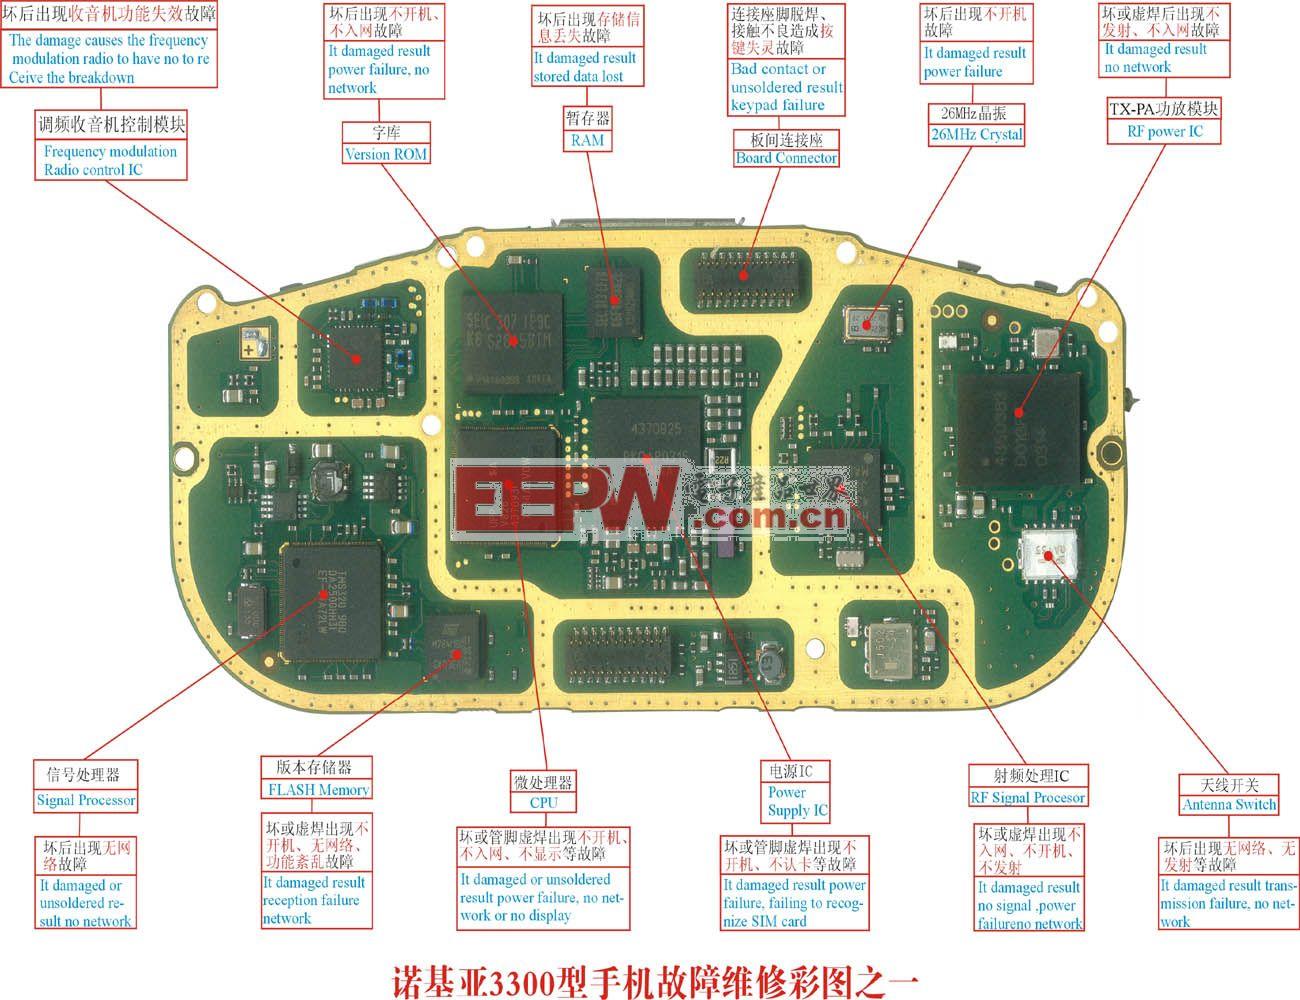 诺基亚3300 手机故障维修实物彩(1)